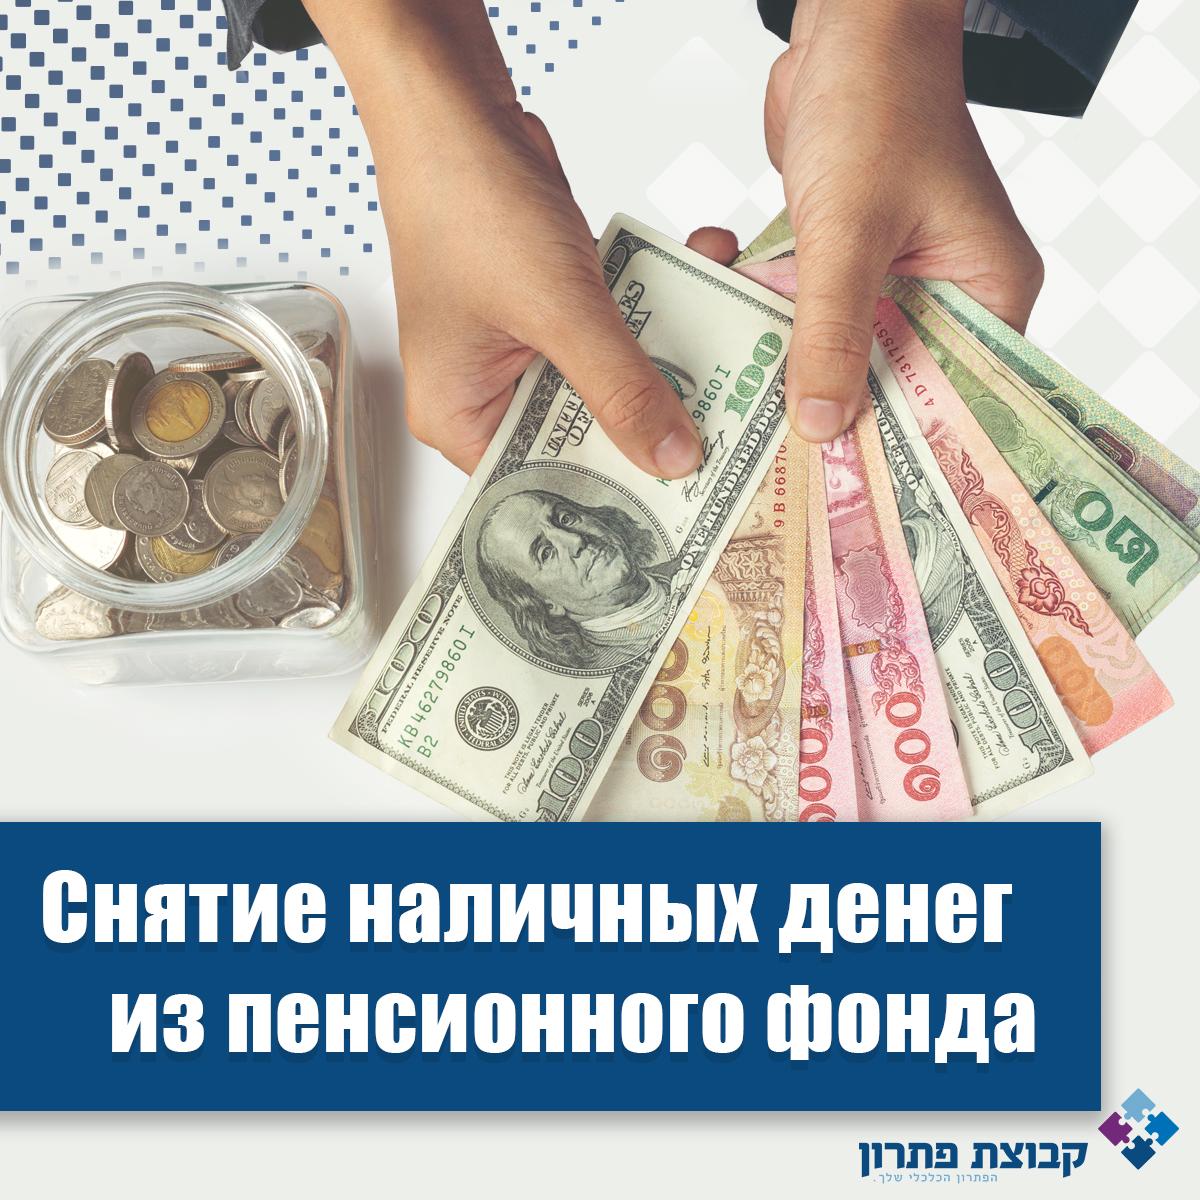 עיצוב לחברה פיננסית בשפה הרוסית סטודיו מגה דזיין